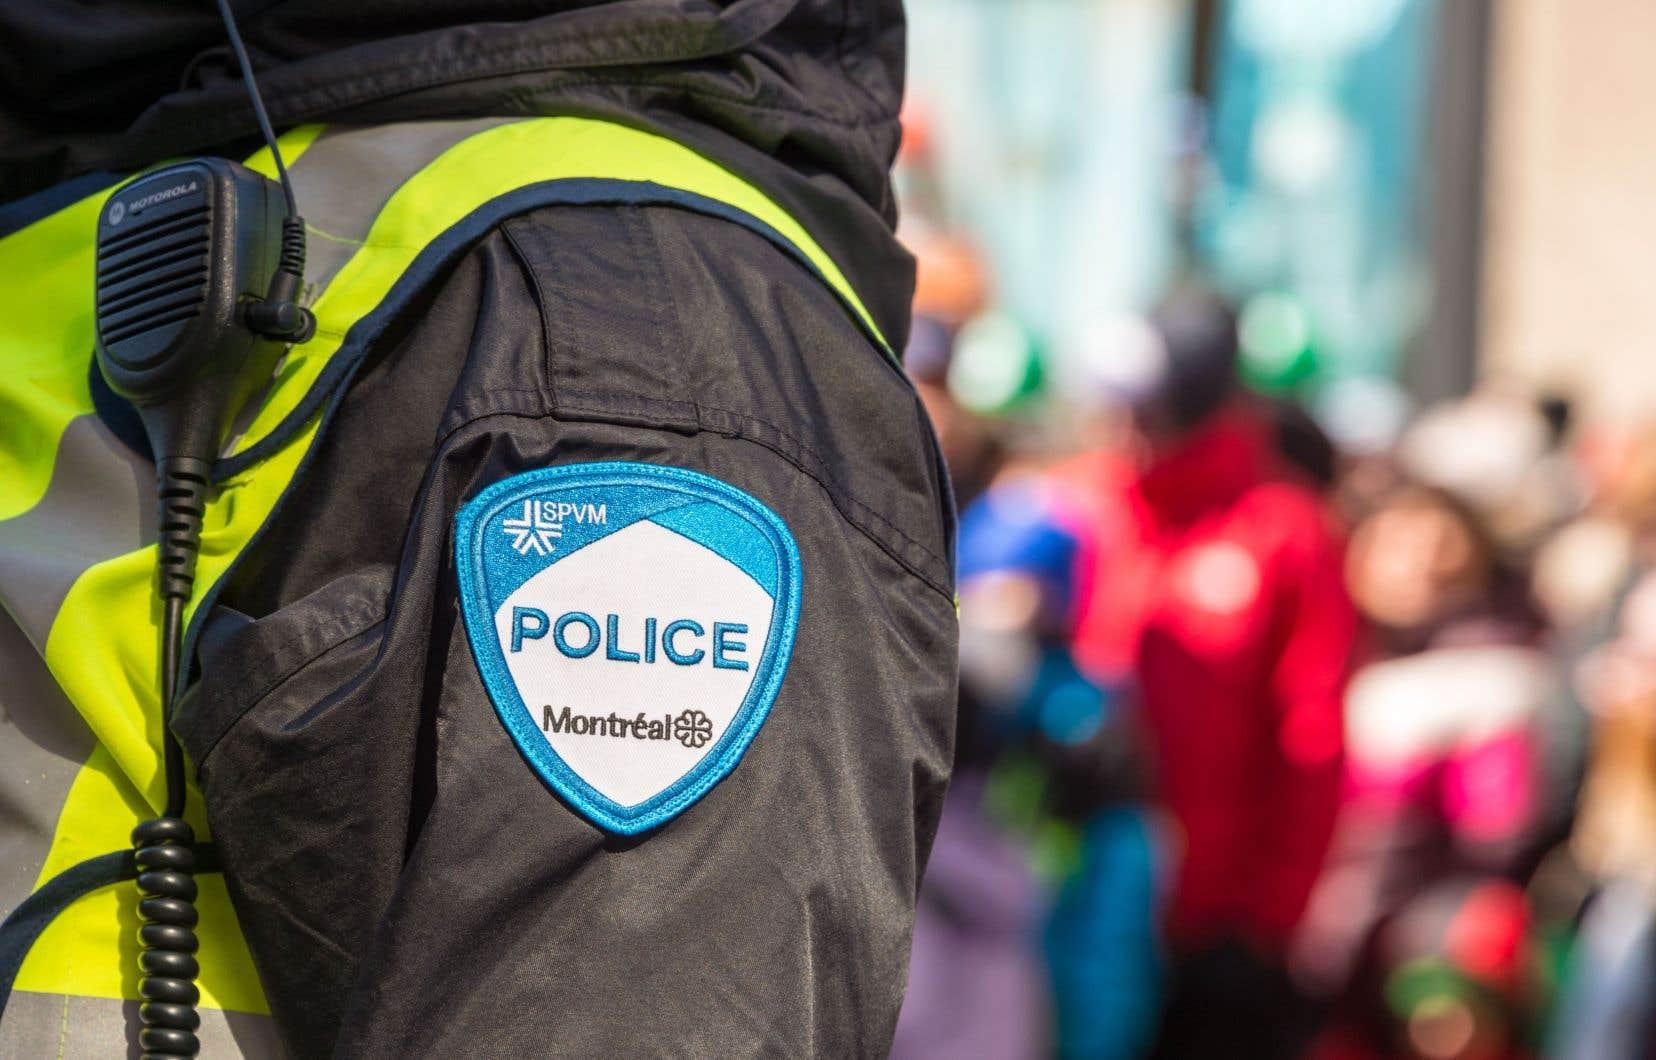 Le SPVM a rédigé 79 rapports d'infraction généraux et remis 67 constats d'infraction à des personnes qui avaient omis de maintenir une distance de deux mètres avec d'autres individus.